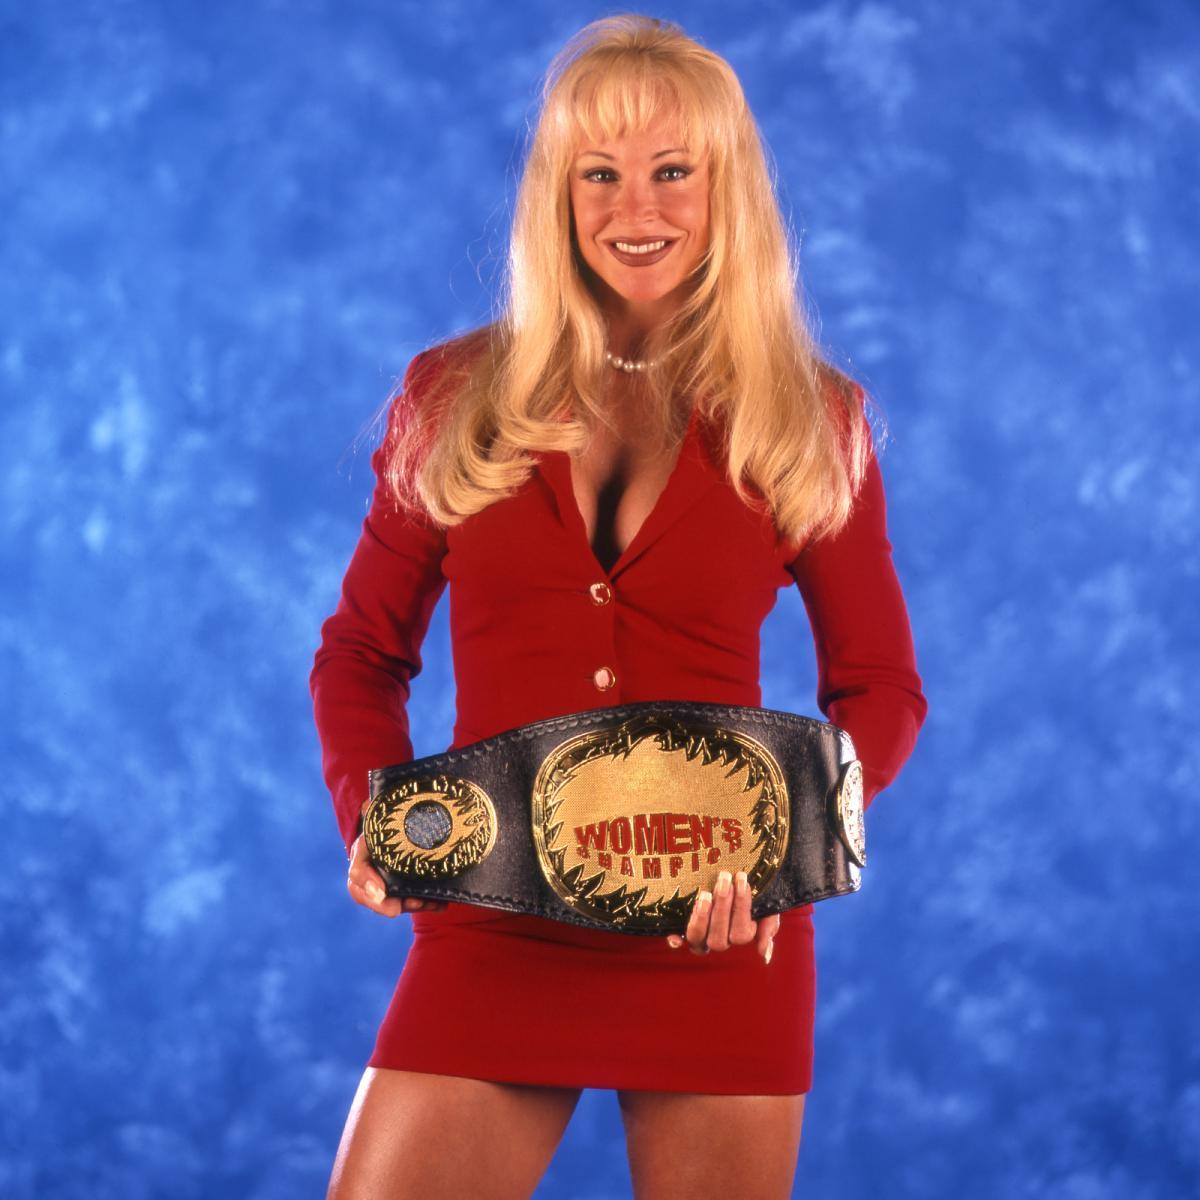 Debra - WWE Women's Champion